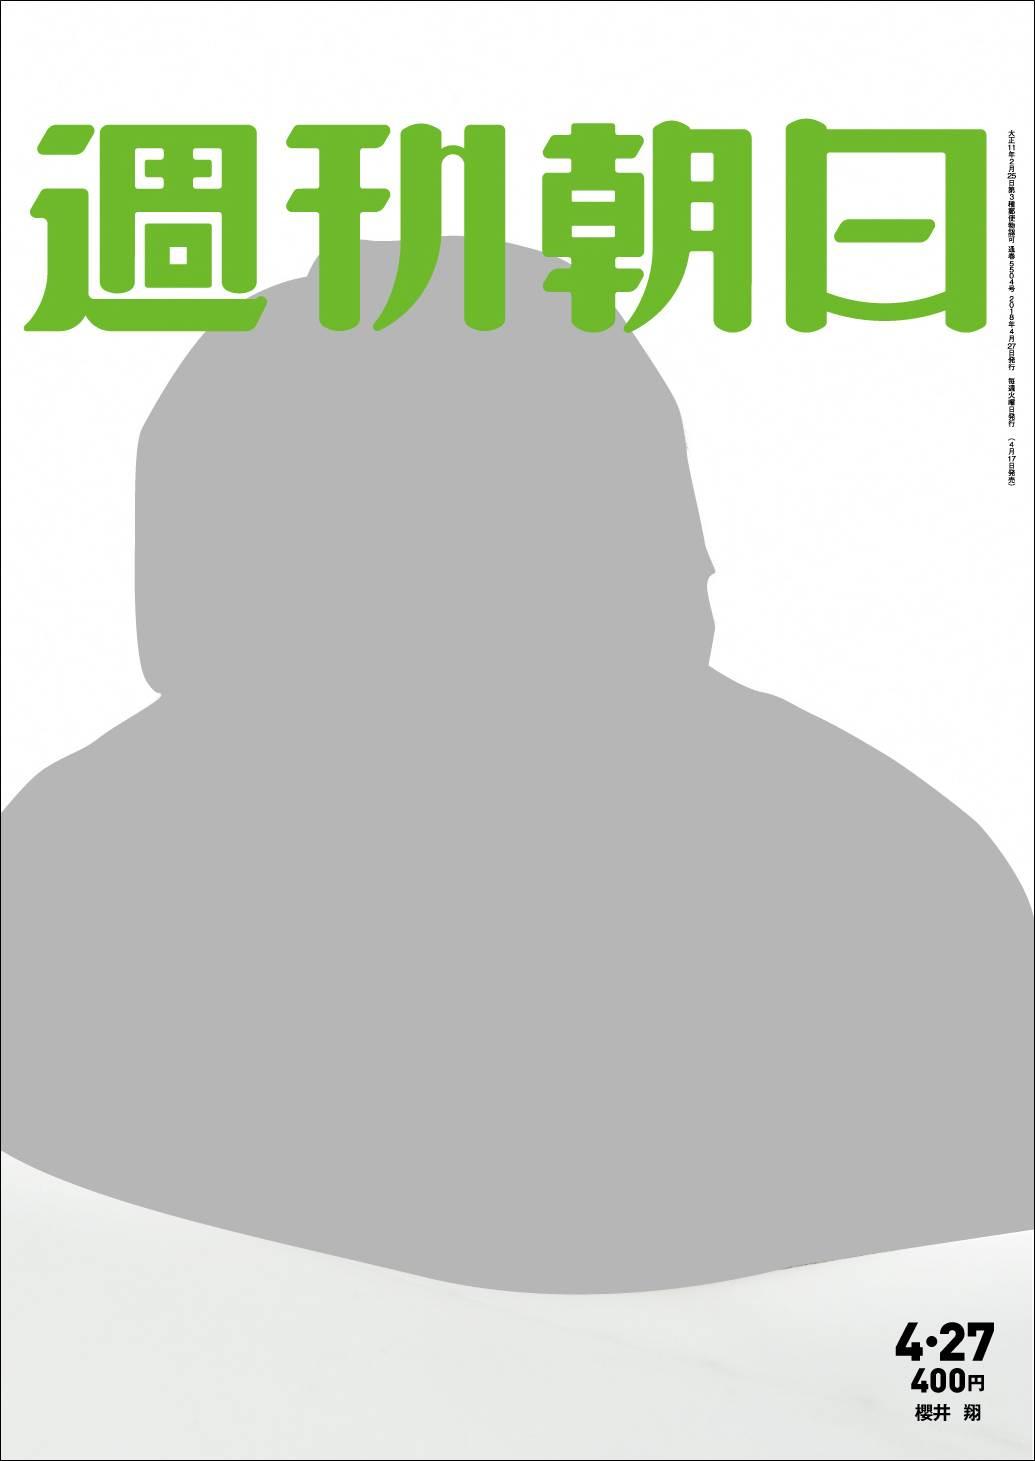 櫻井翔が「週刊朝日」の表紙に登場。最近遭遇した「痛恨の出来事」とは?